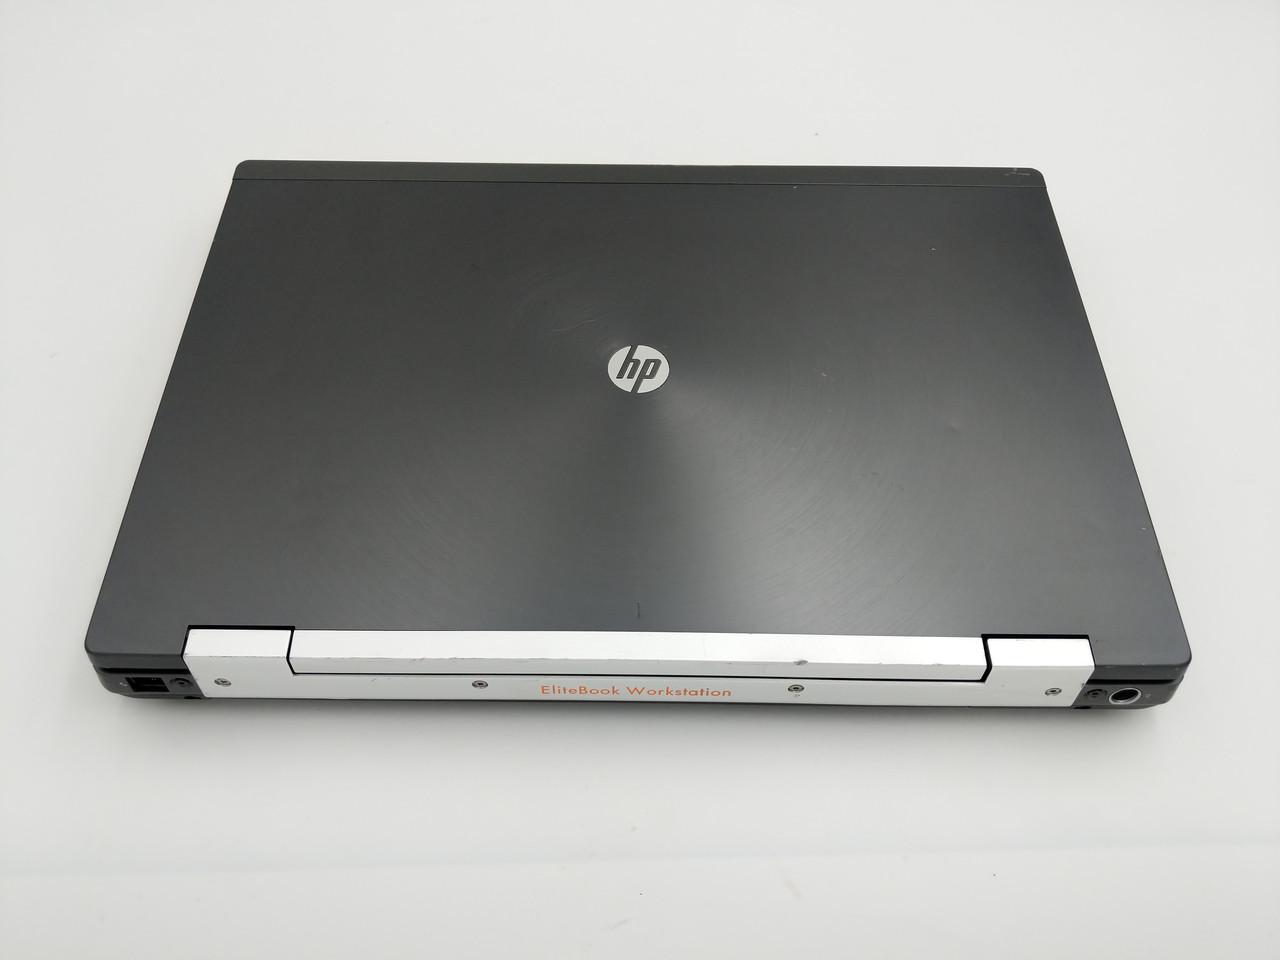 Б/У HP EliteBook 8560w 15.6″ HD+ i5-2540M /DDR3 8 Gb /SSD 240Gb Нет в наличии 6